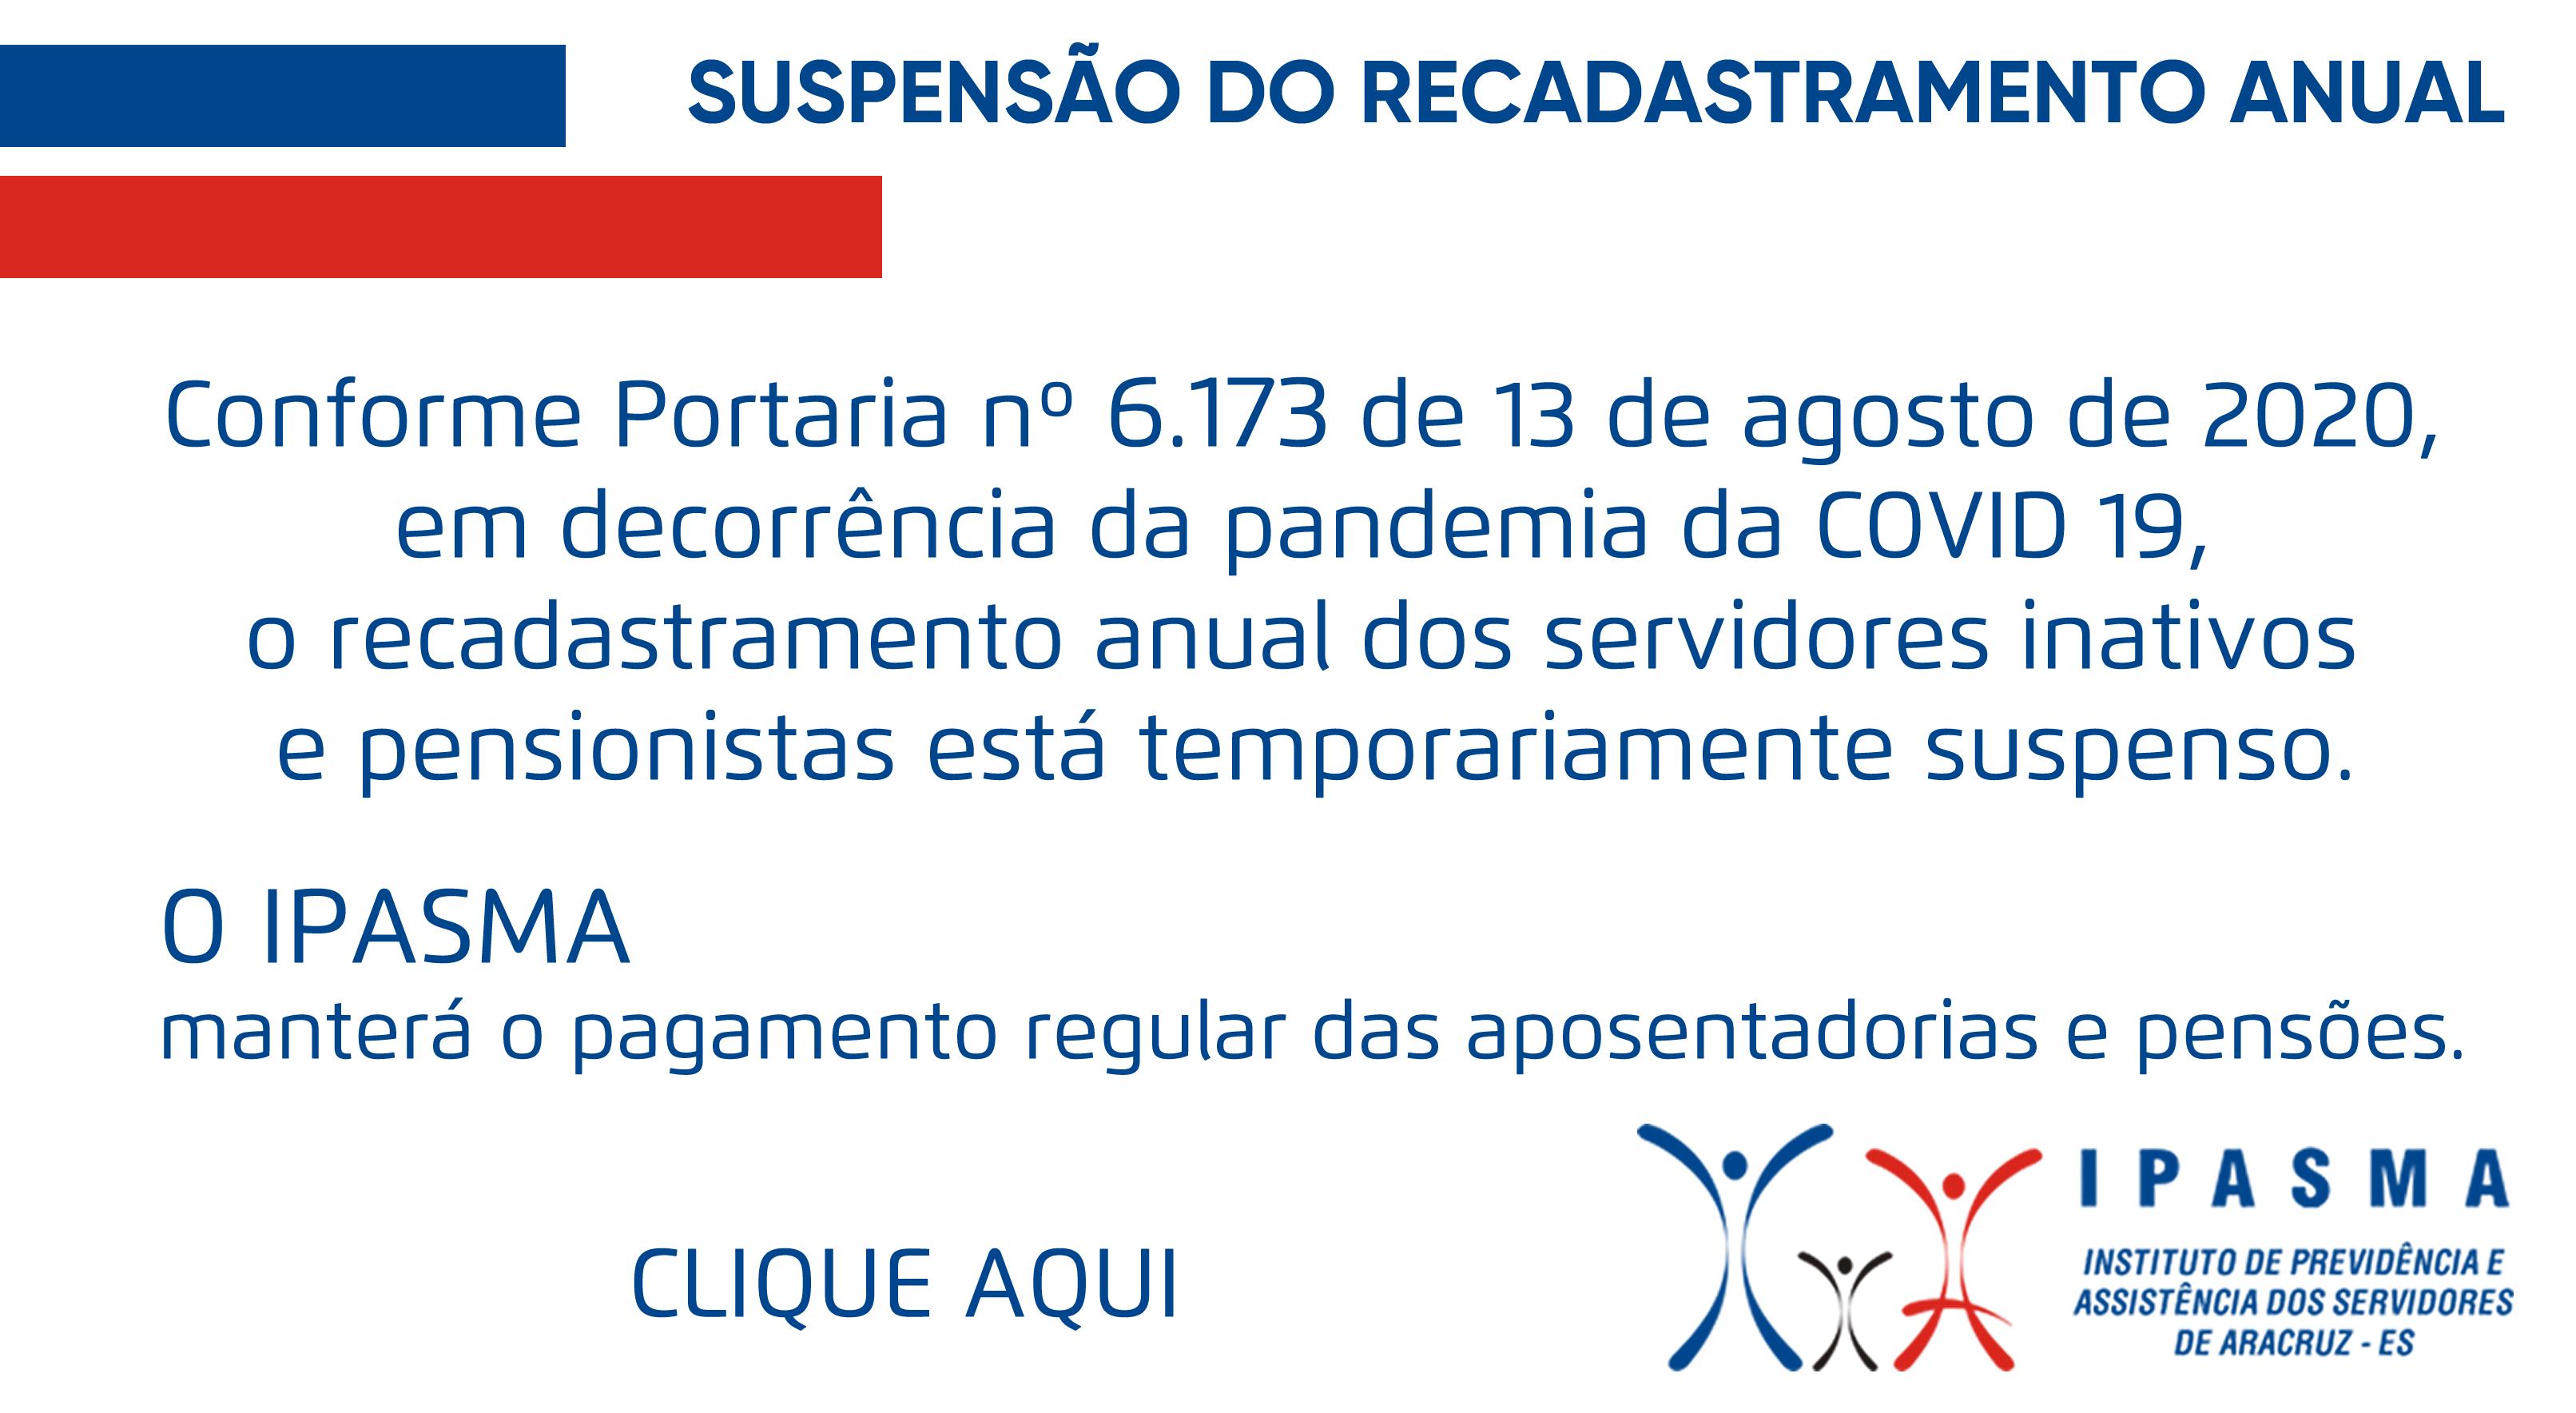 SUSPENSÃO DO RECADASTRAMENTO ANUAL